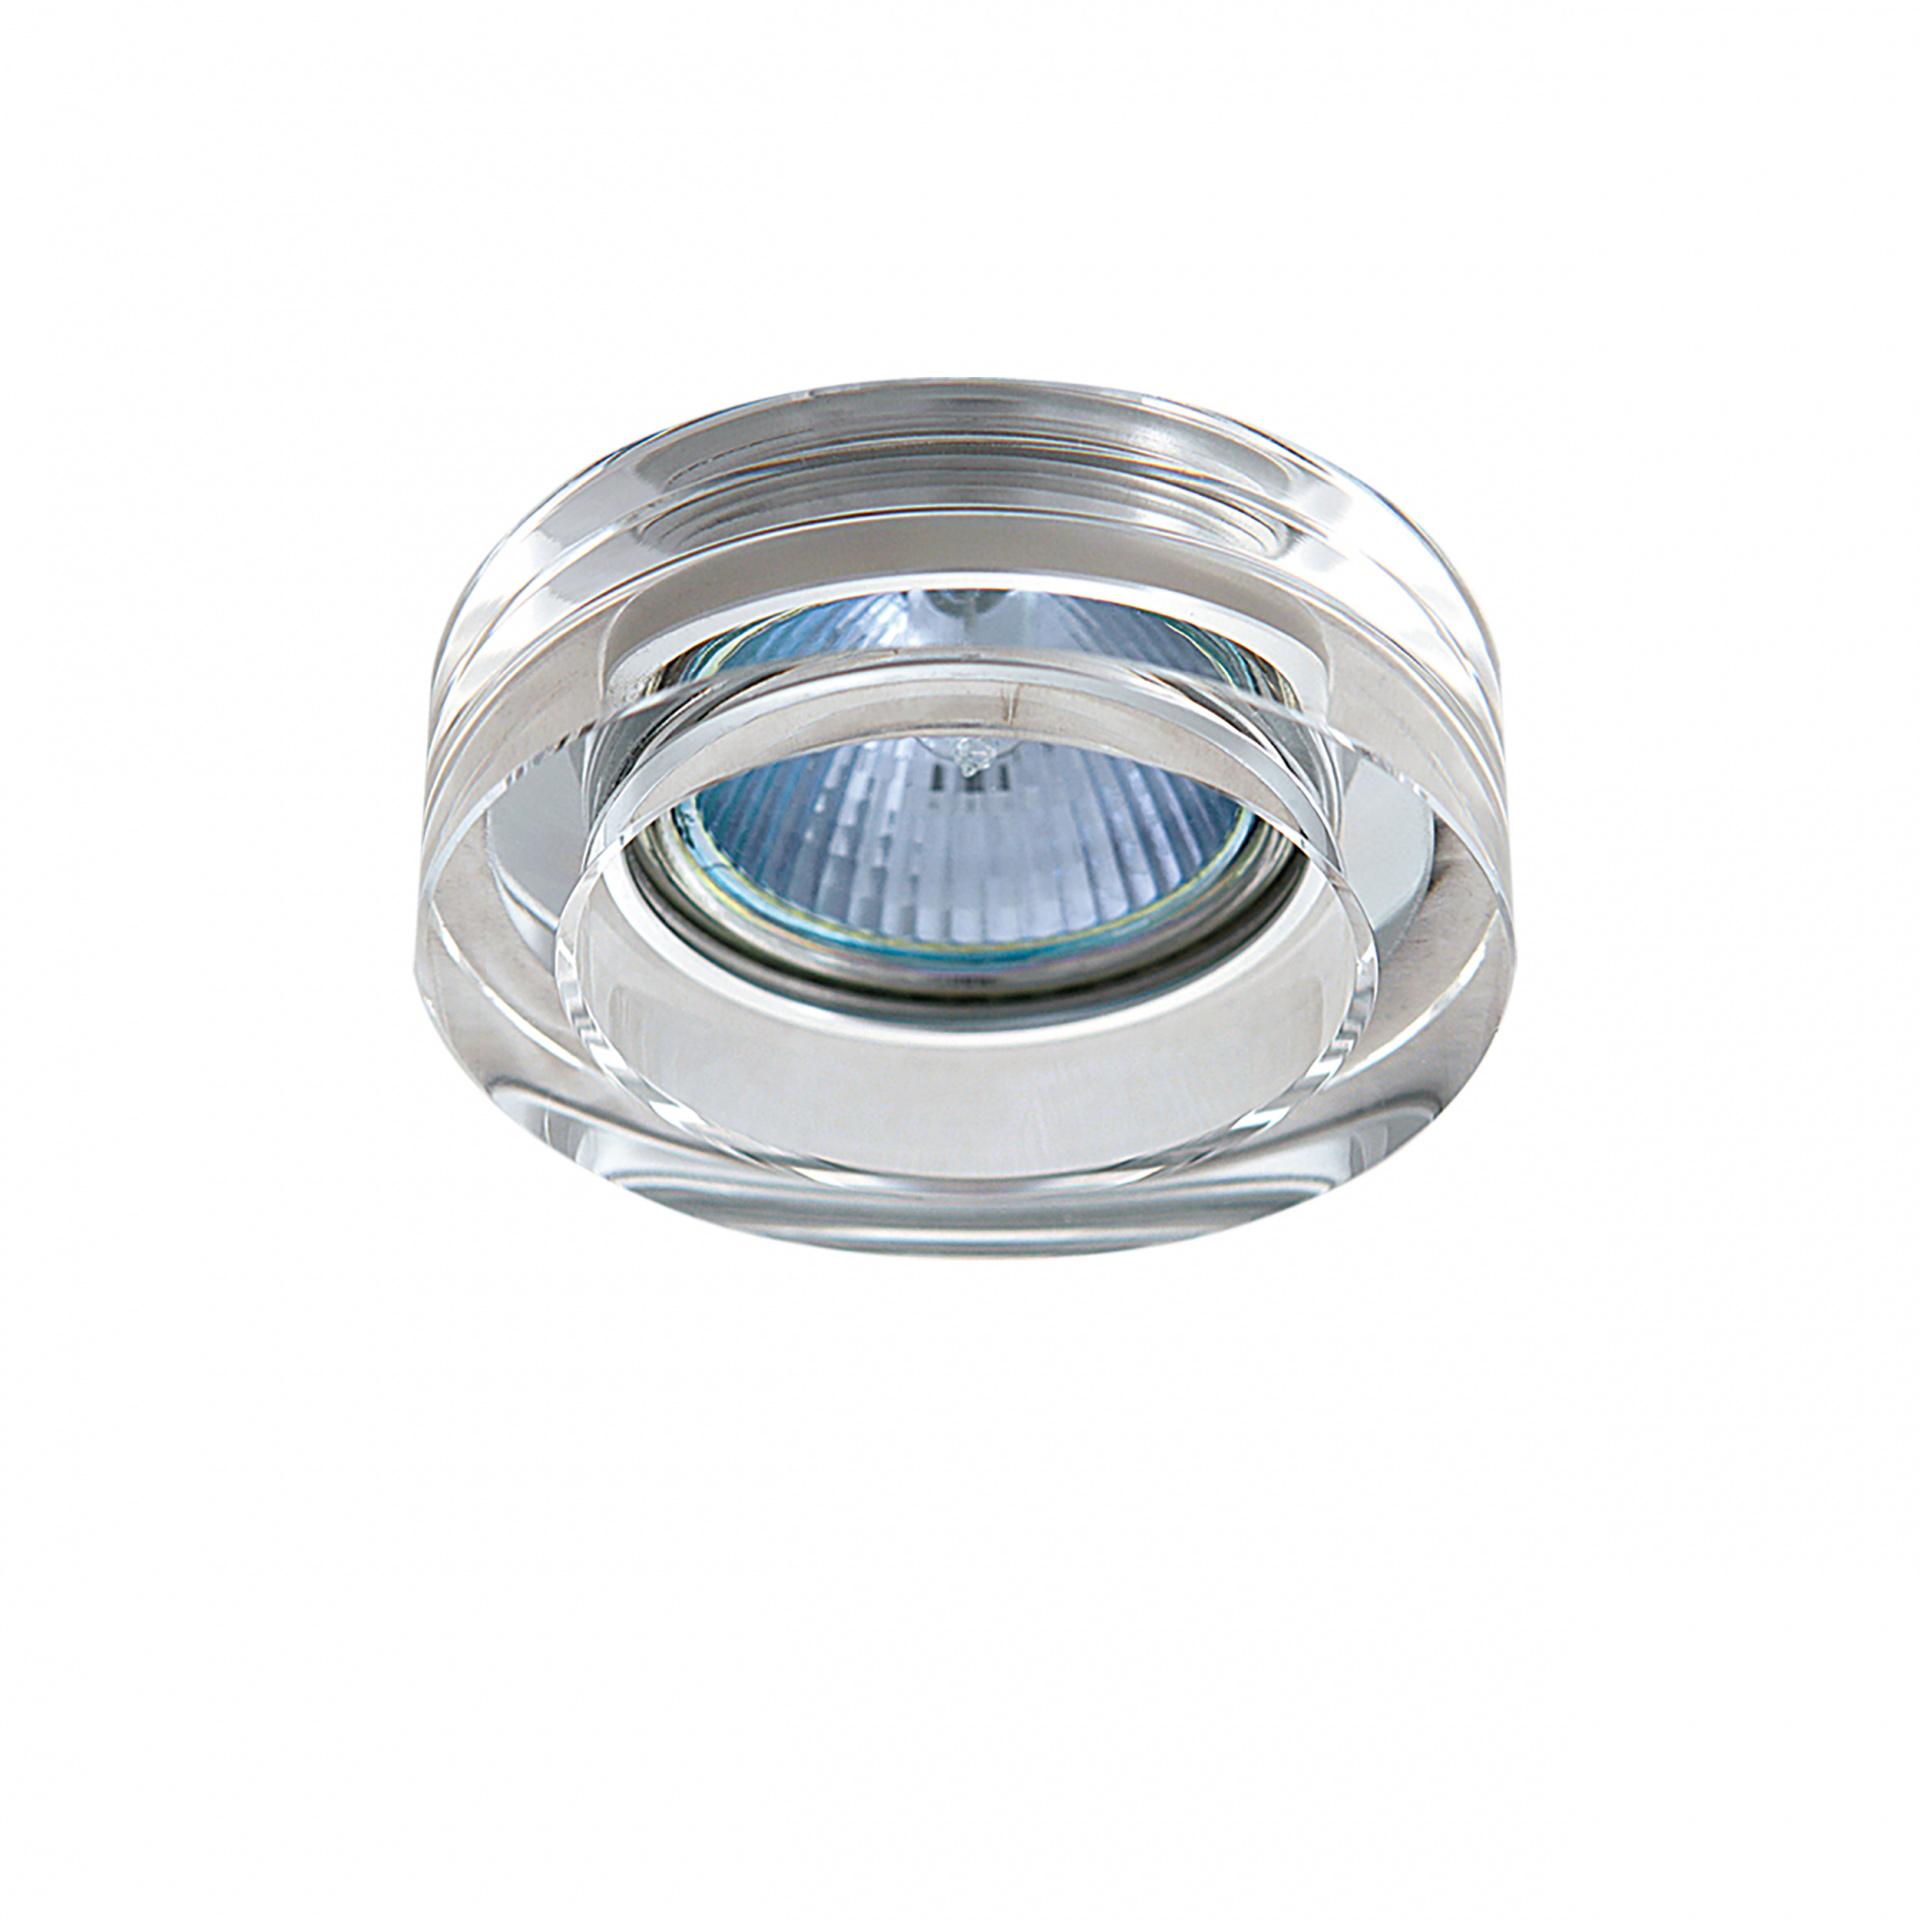 Светильник Lei Mini CR MR16 / HP16 хром / прозрачный Lightstar 006130, купить в СПб, Москве, с доставкой, Санкт-Петербург, интернет-магазин люстр и светильников Starlight, фото в жизни